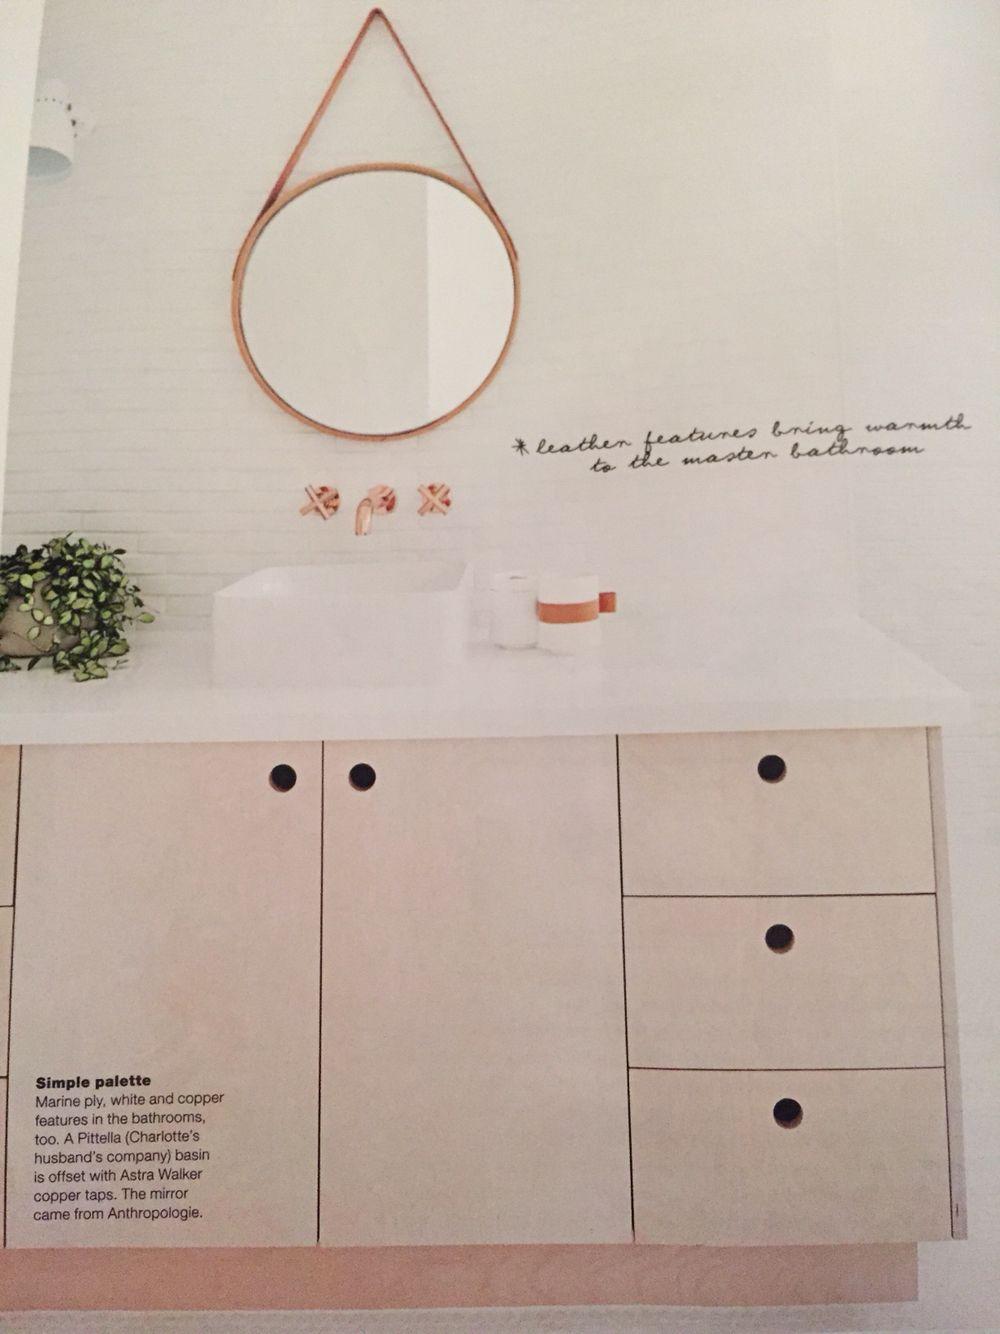 Scandanavian Bathroom Marine Ply Vanity Vanity Bathroom Scandinavian Furniture Design